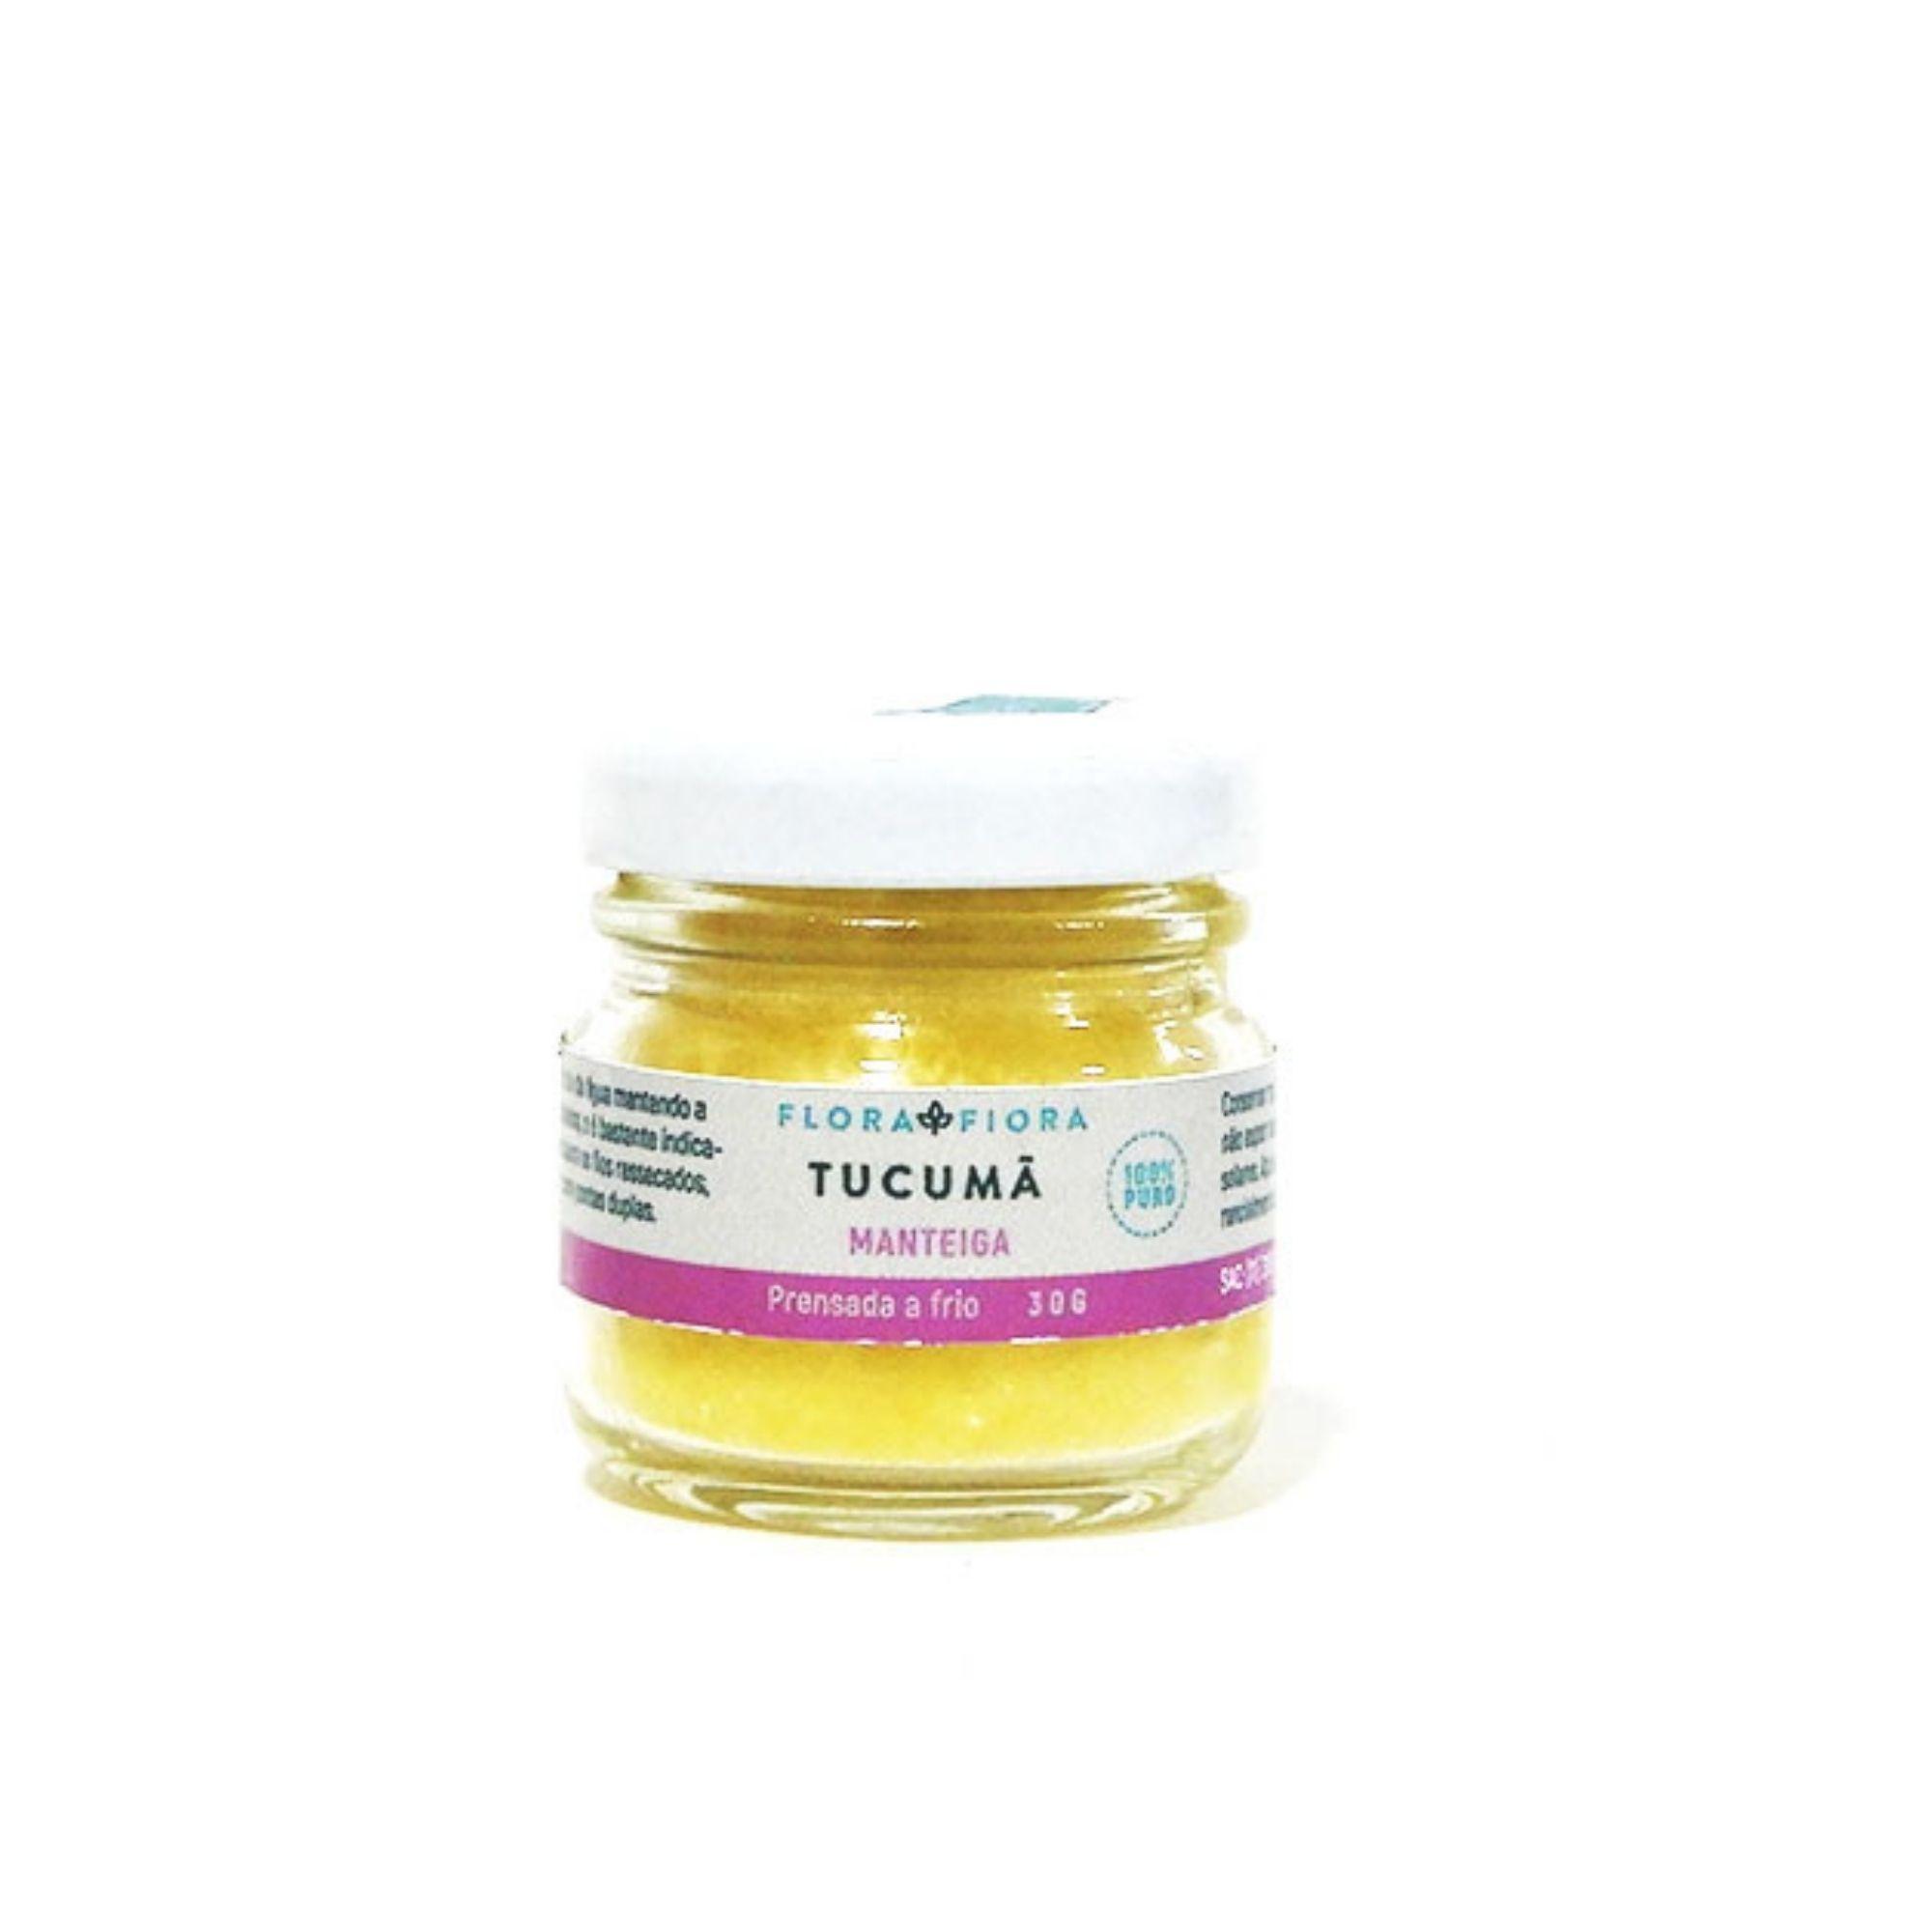 Manteiga de Tucumã  - Flora Fiora